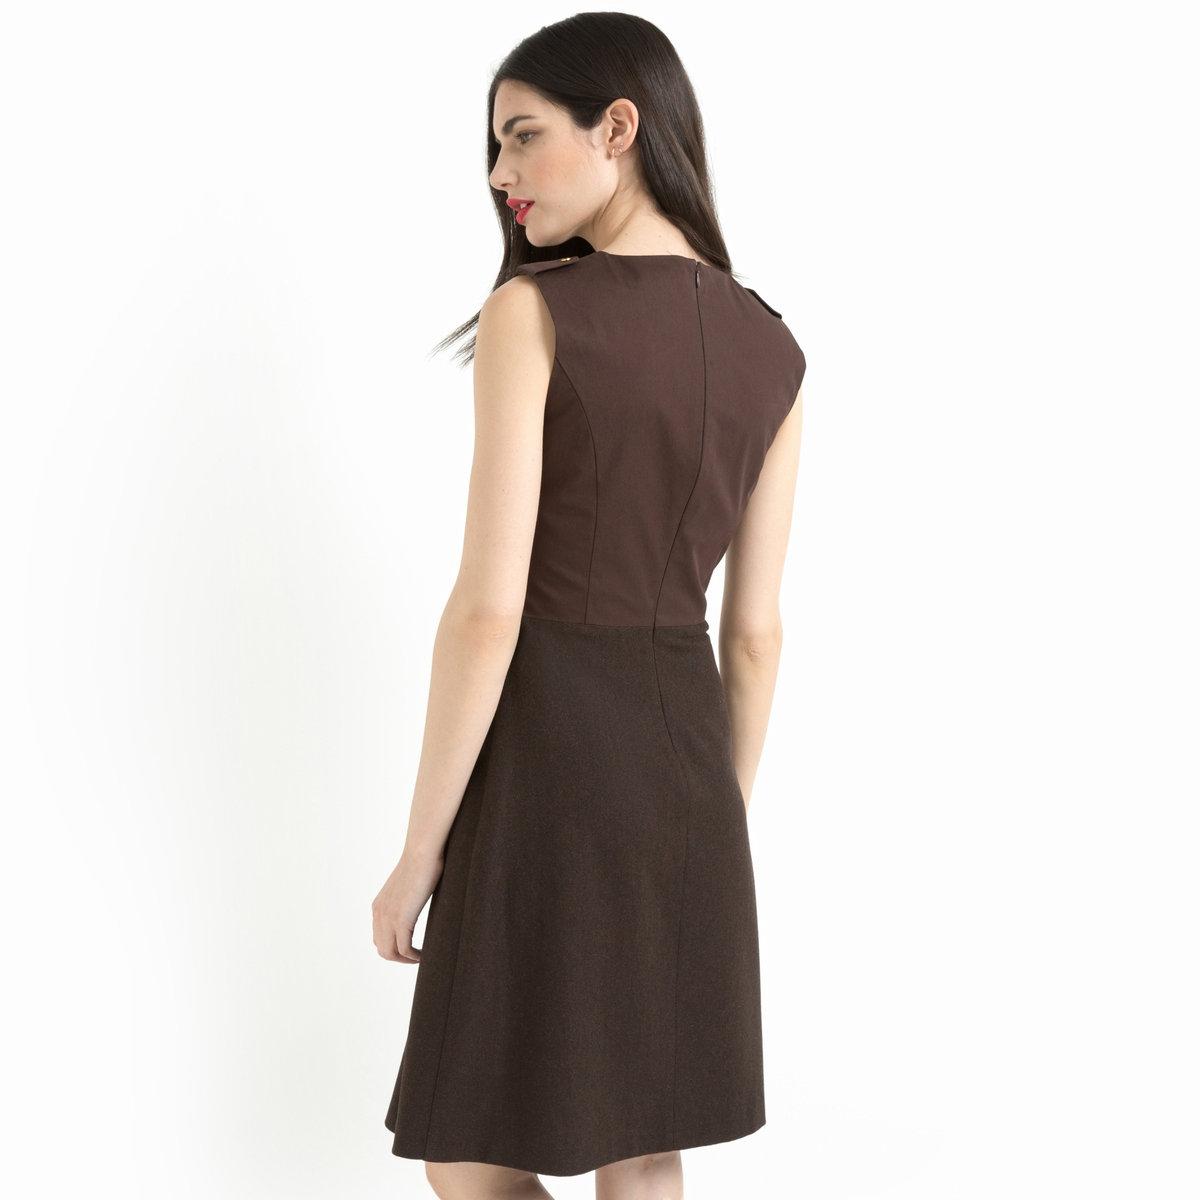 Платье без рукавов из двух материаловПлатье без рукавов из двух материалов  LAURA CLEMENT. Стильное и женственное платье оригинального покроя, которое вытягивает силуэт и привлекает внимание  ! Верх 100% хлопка на сатиновой подкладке 100% полиэстера. Круглый вырез . Планки с металлической пуговицей золотистого цвета на плечах . Отрезные детали спереди и сзади .   Застежка на скрытую молнию на спинке . Отрезное по талии . Низ 35% акрила, 31% шерсти, 27% полиэстера, 4% вискозы, 3% полиамидаe. Расклешенная юбка . 2 кармана с отделкой бейкой. Длина 95 см .<br><br>Цвет: каштановый<br>Размер: 42 (FR) - 48 (RUS)